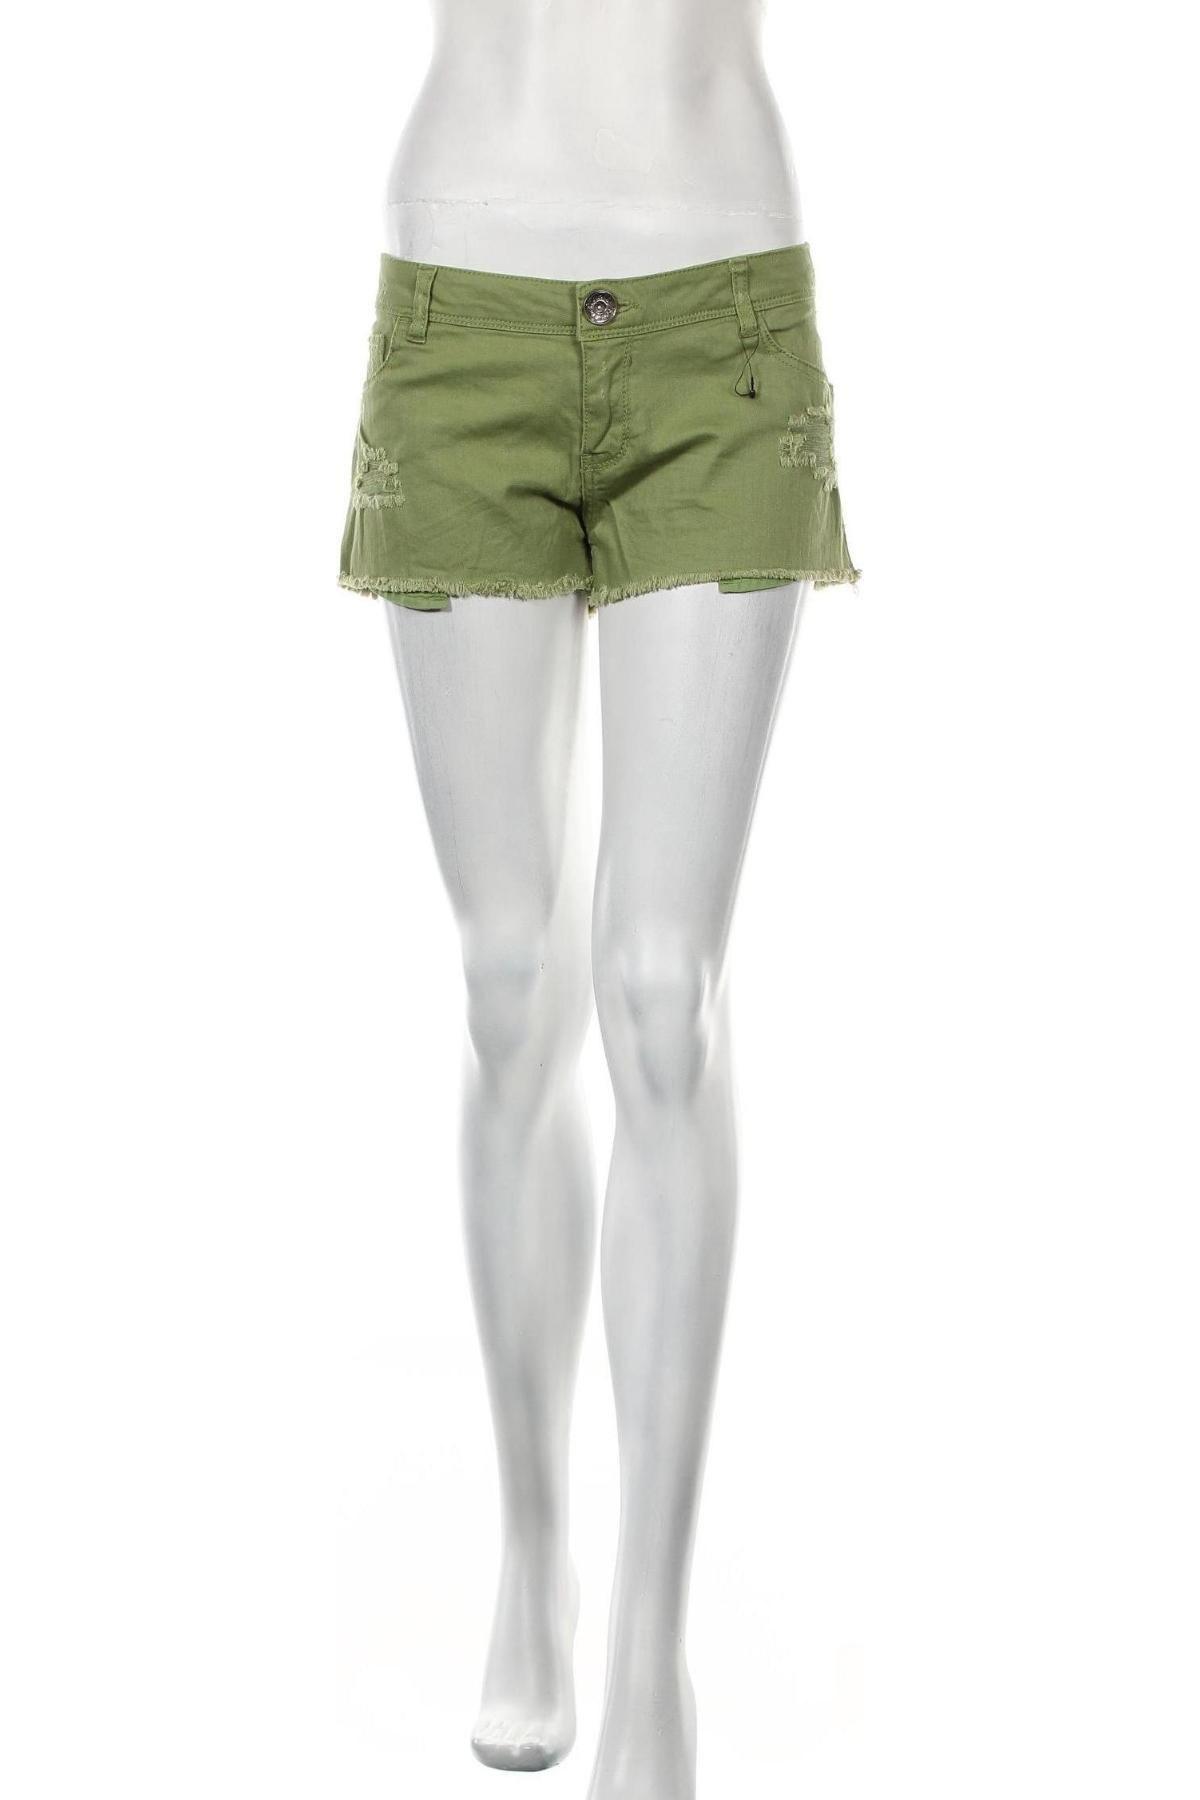 Γυναικείο κοντό παντελόνι Bershka, Μέγεθος L, Χρώμα Πράσινο, 98% βαμβάκι, 2% ελαστάνη, Τιμή 9,87€